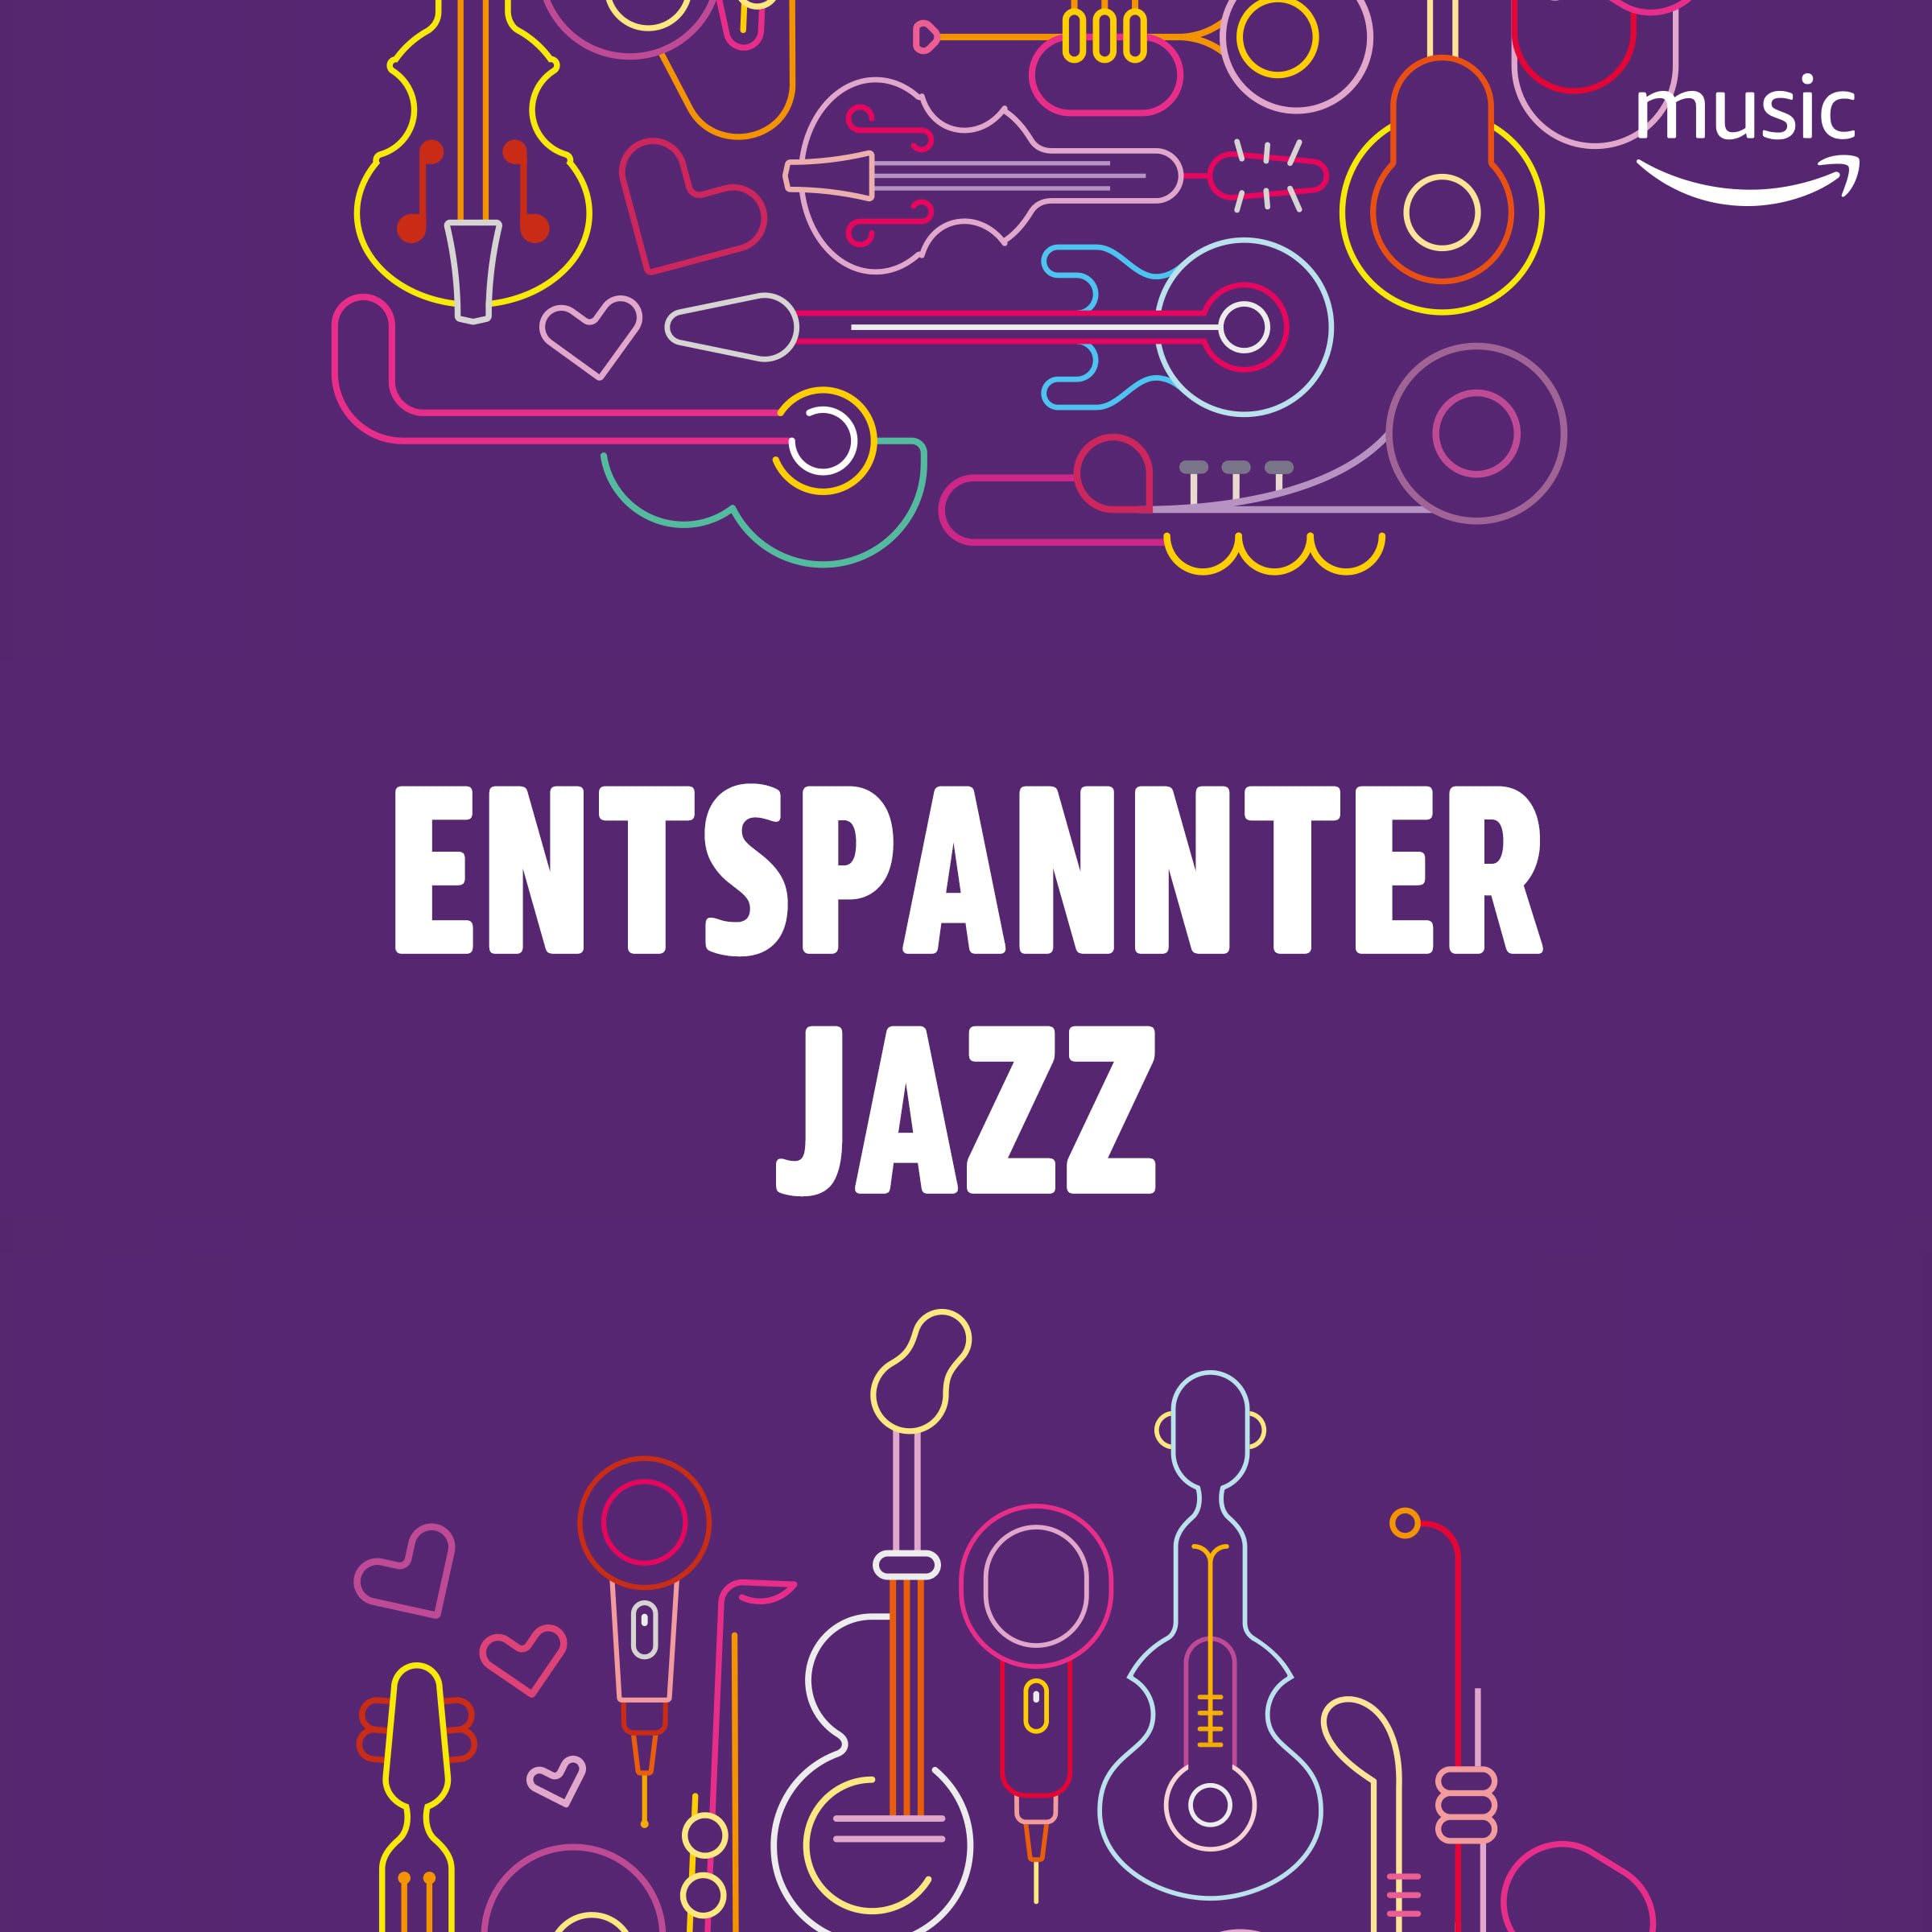 Entspannter Jazz